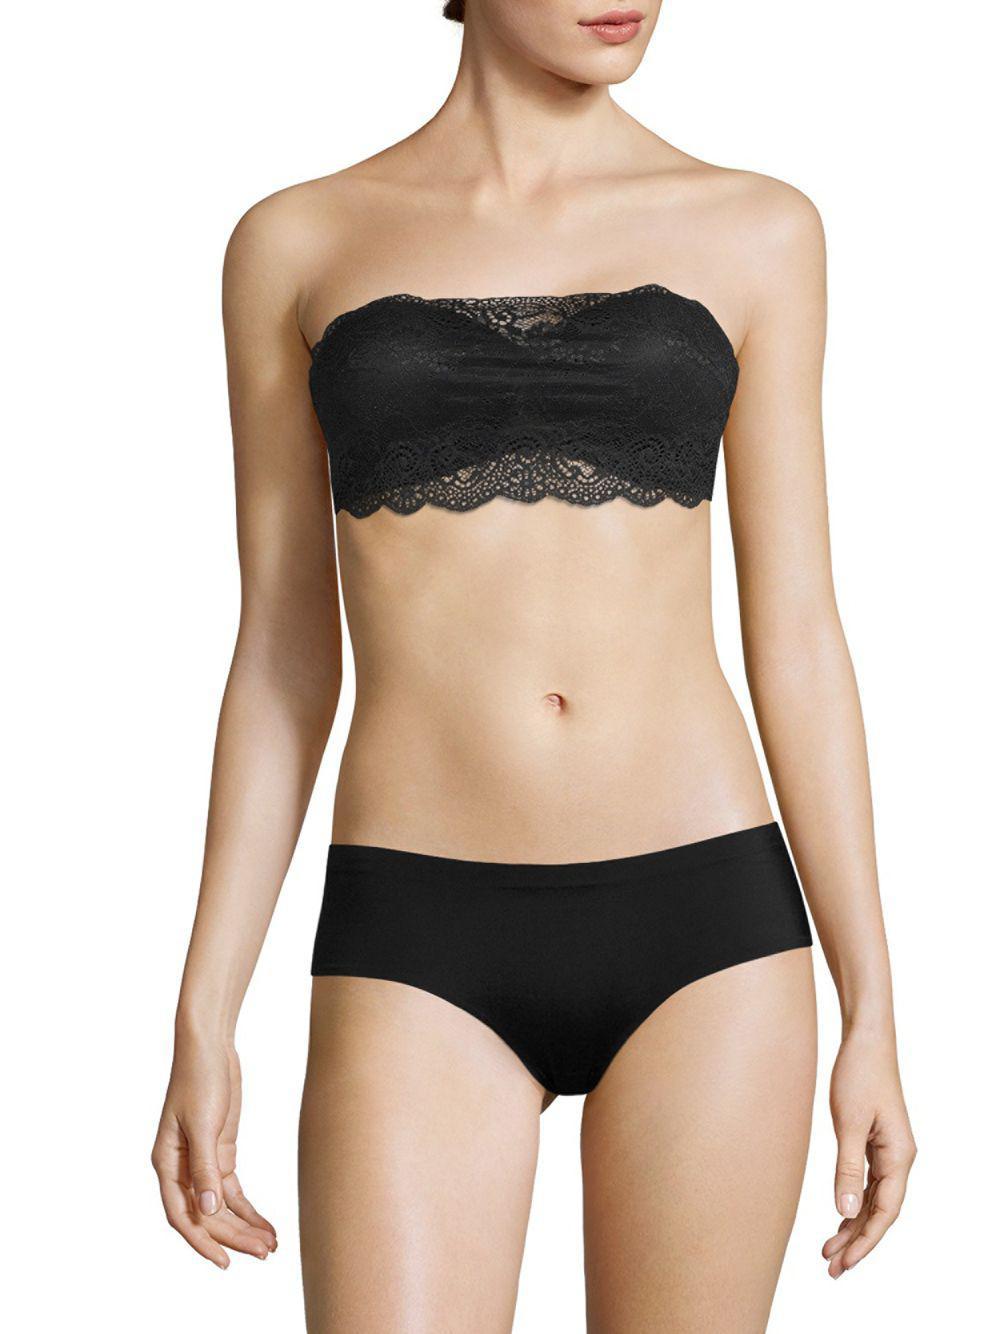 608670e306b11 Lyst - Cosabella Thea Bandeau Lace Bra in Black